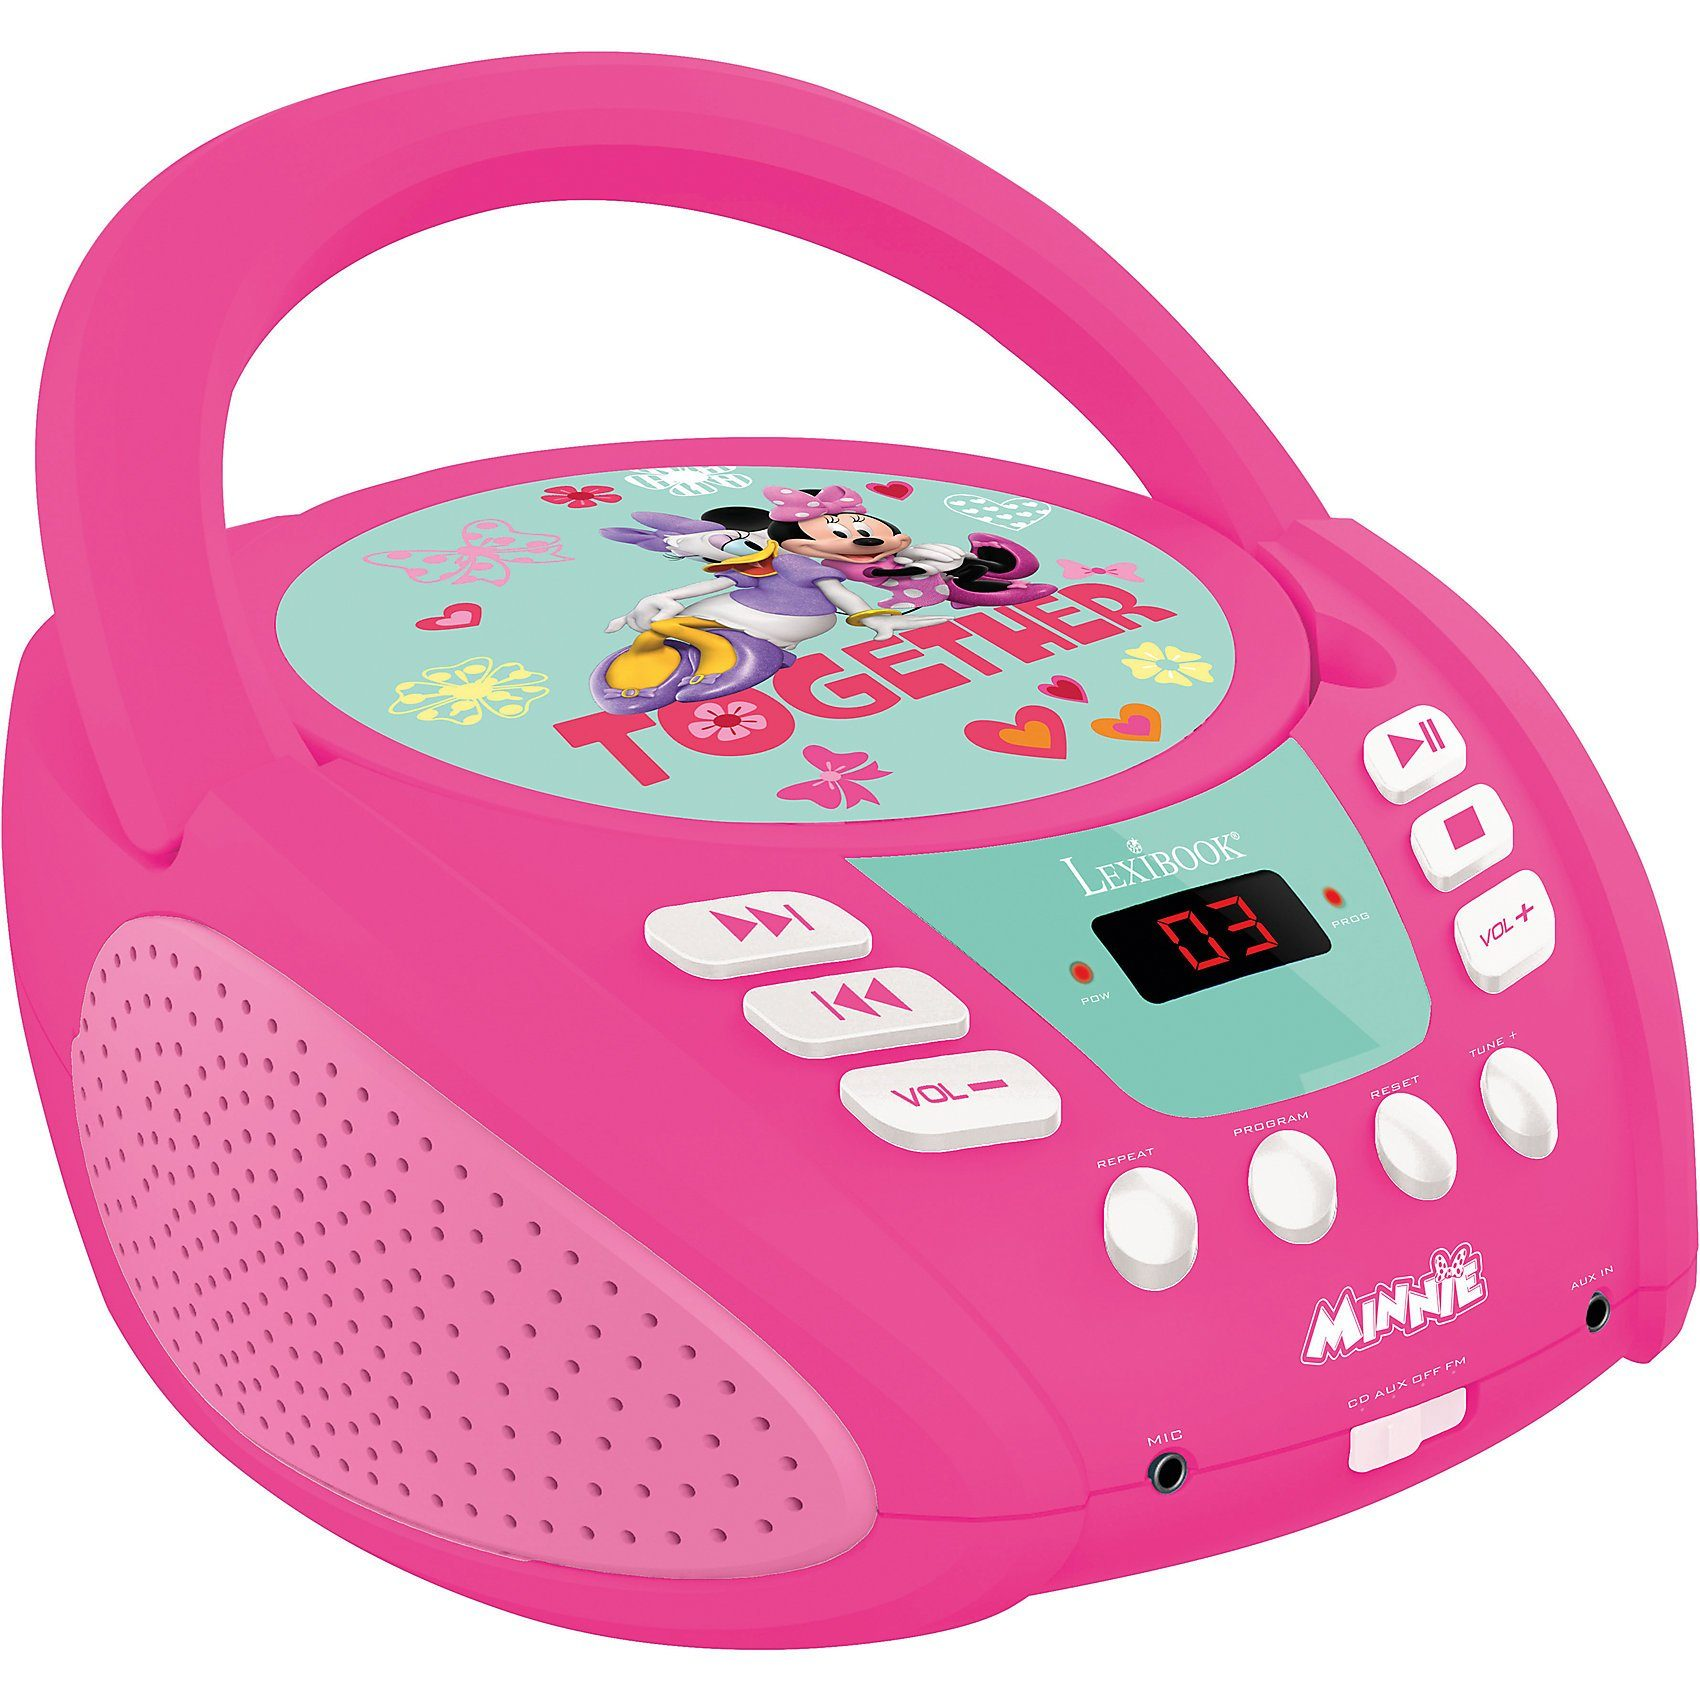 Lexibook® Minnie CD-Player mit Radio (neues Design)